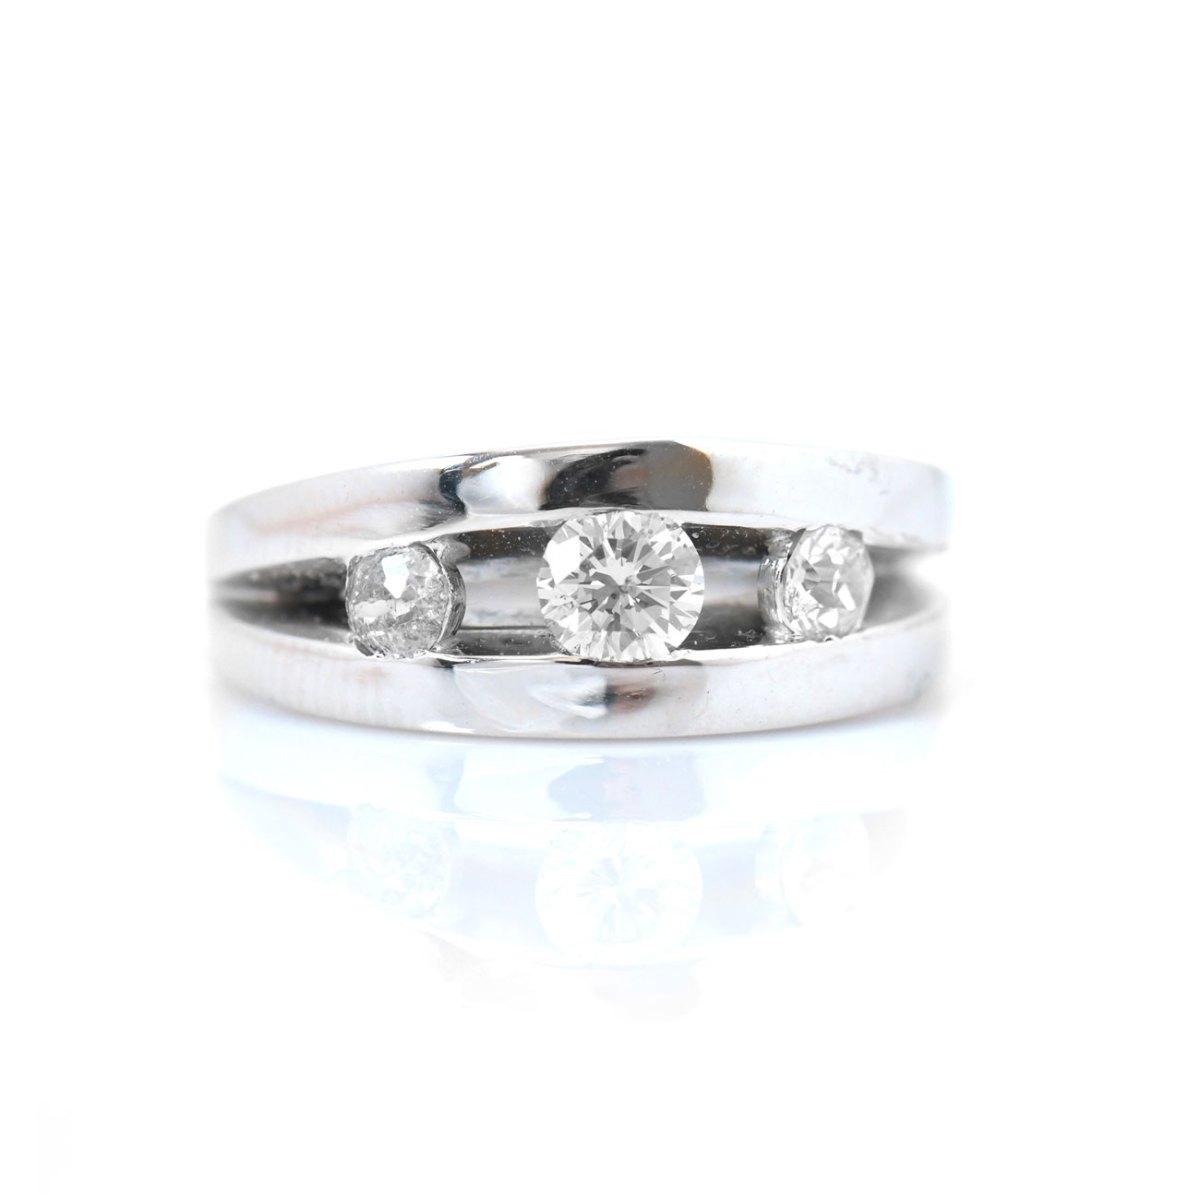 Bague 3 diamants 0,83ct sertis rail sur monture or blanc 750‰, Taille 54 | Réf. EVENOR Joaillerie • Bijoux Vintage et d'occasion